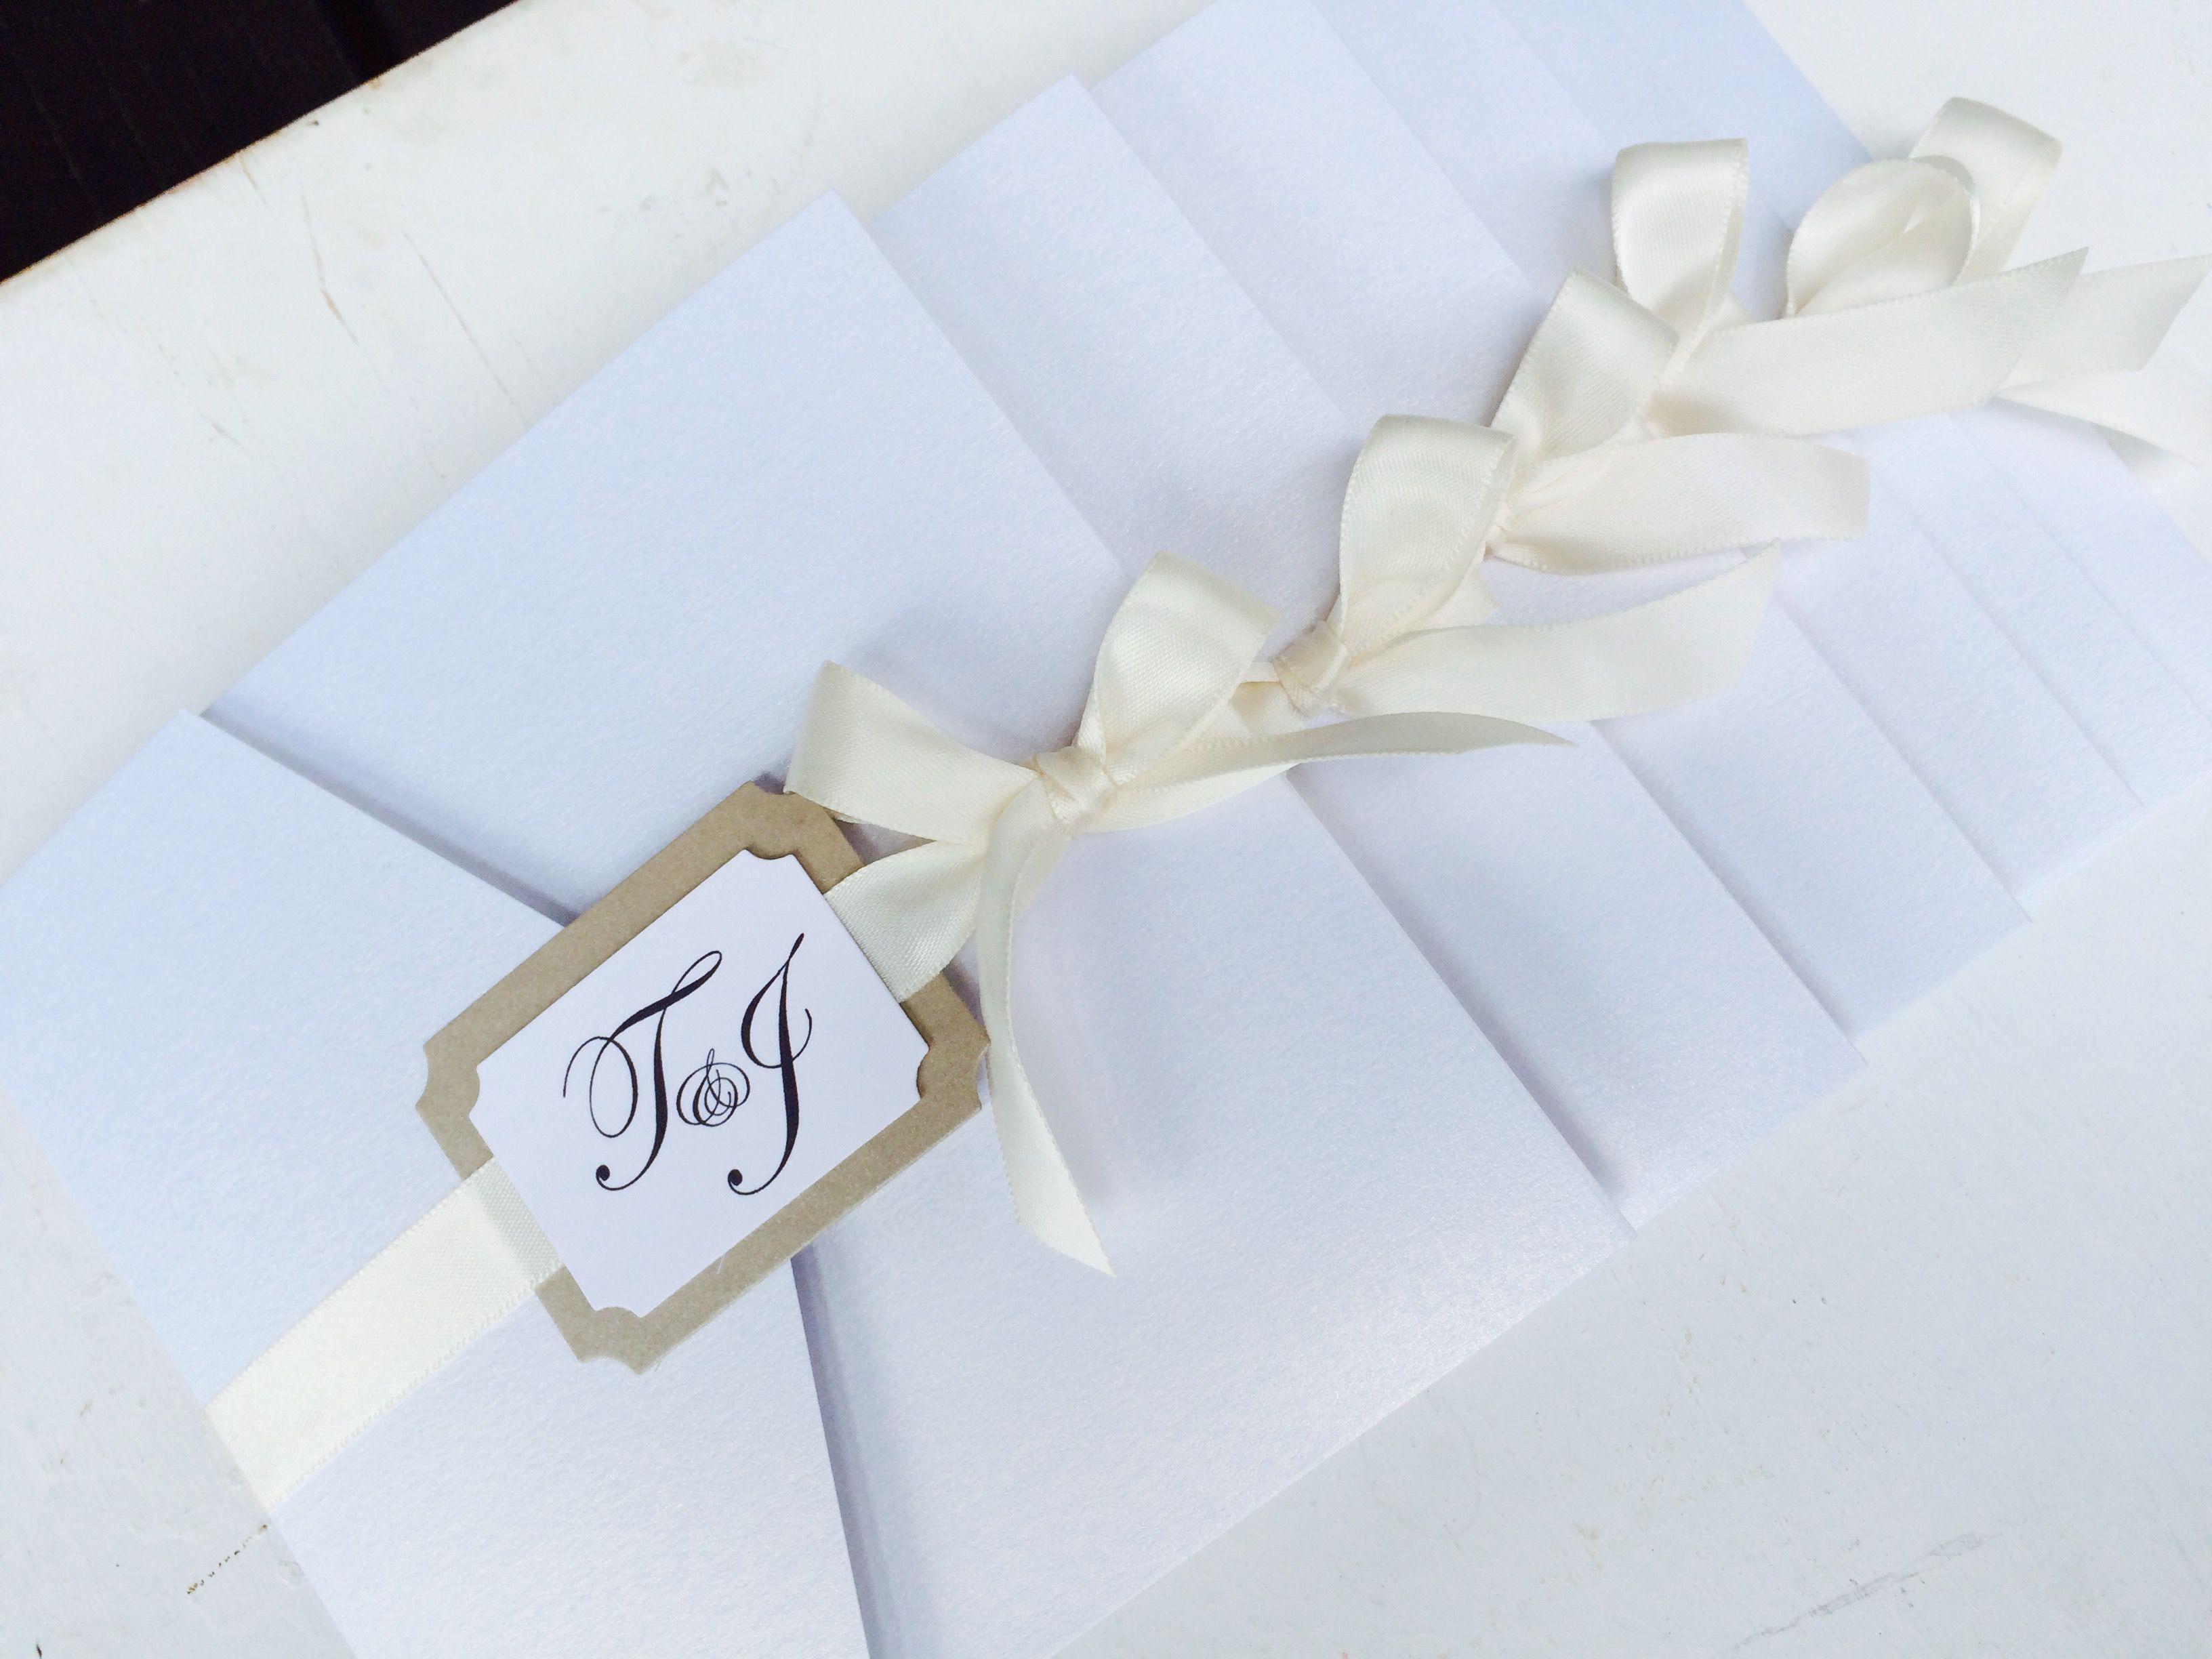 Pocketfoldkarte Zur Hochzeit, Einladung Zur Hochzeit, Pocketfoldkarte,  Monogramm, Satin,Klassisch Elegante